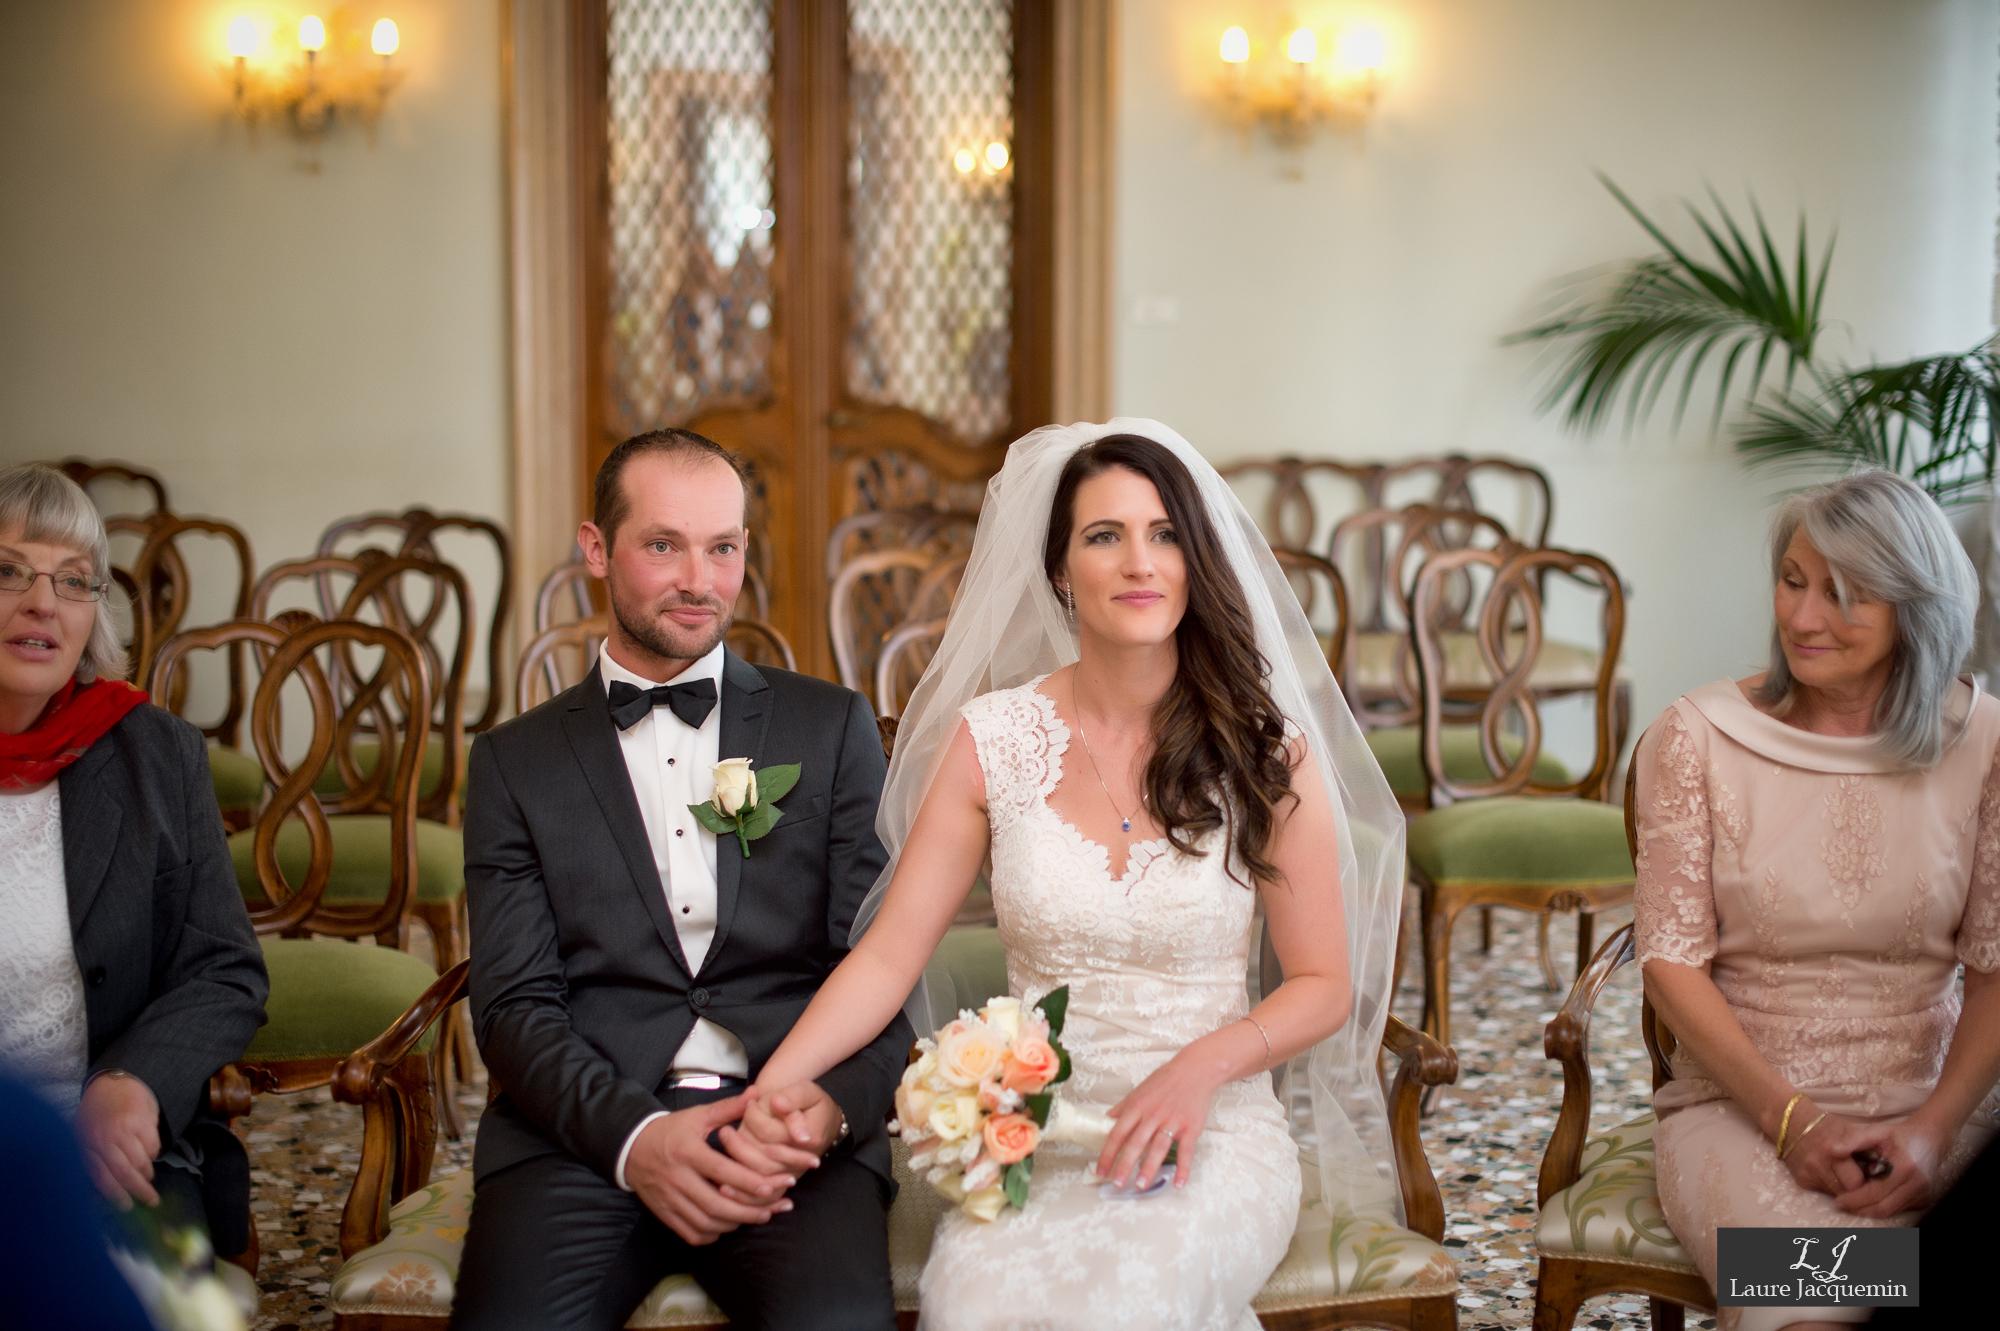 photographe mariage laure jacquemin palazzo cavalli service photographique (39)